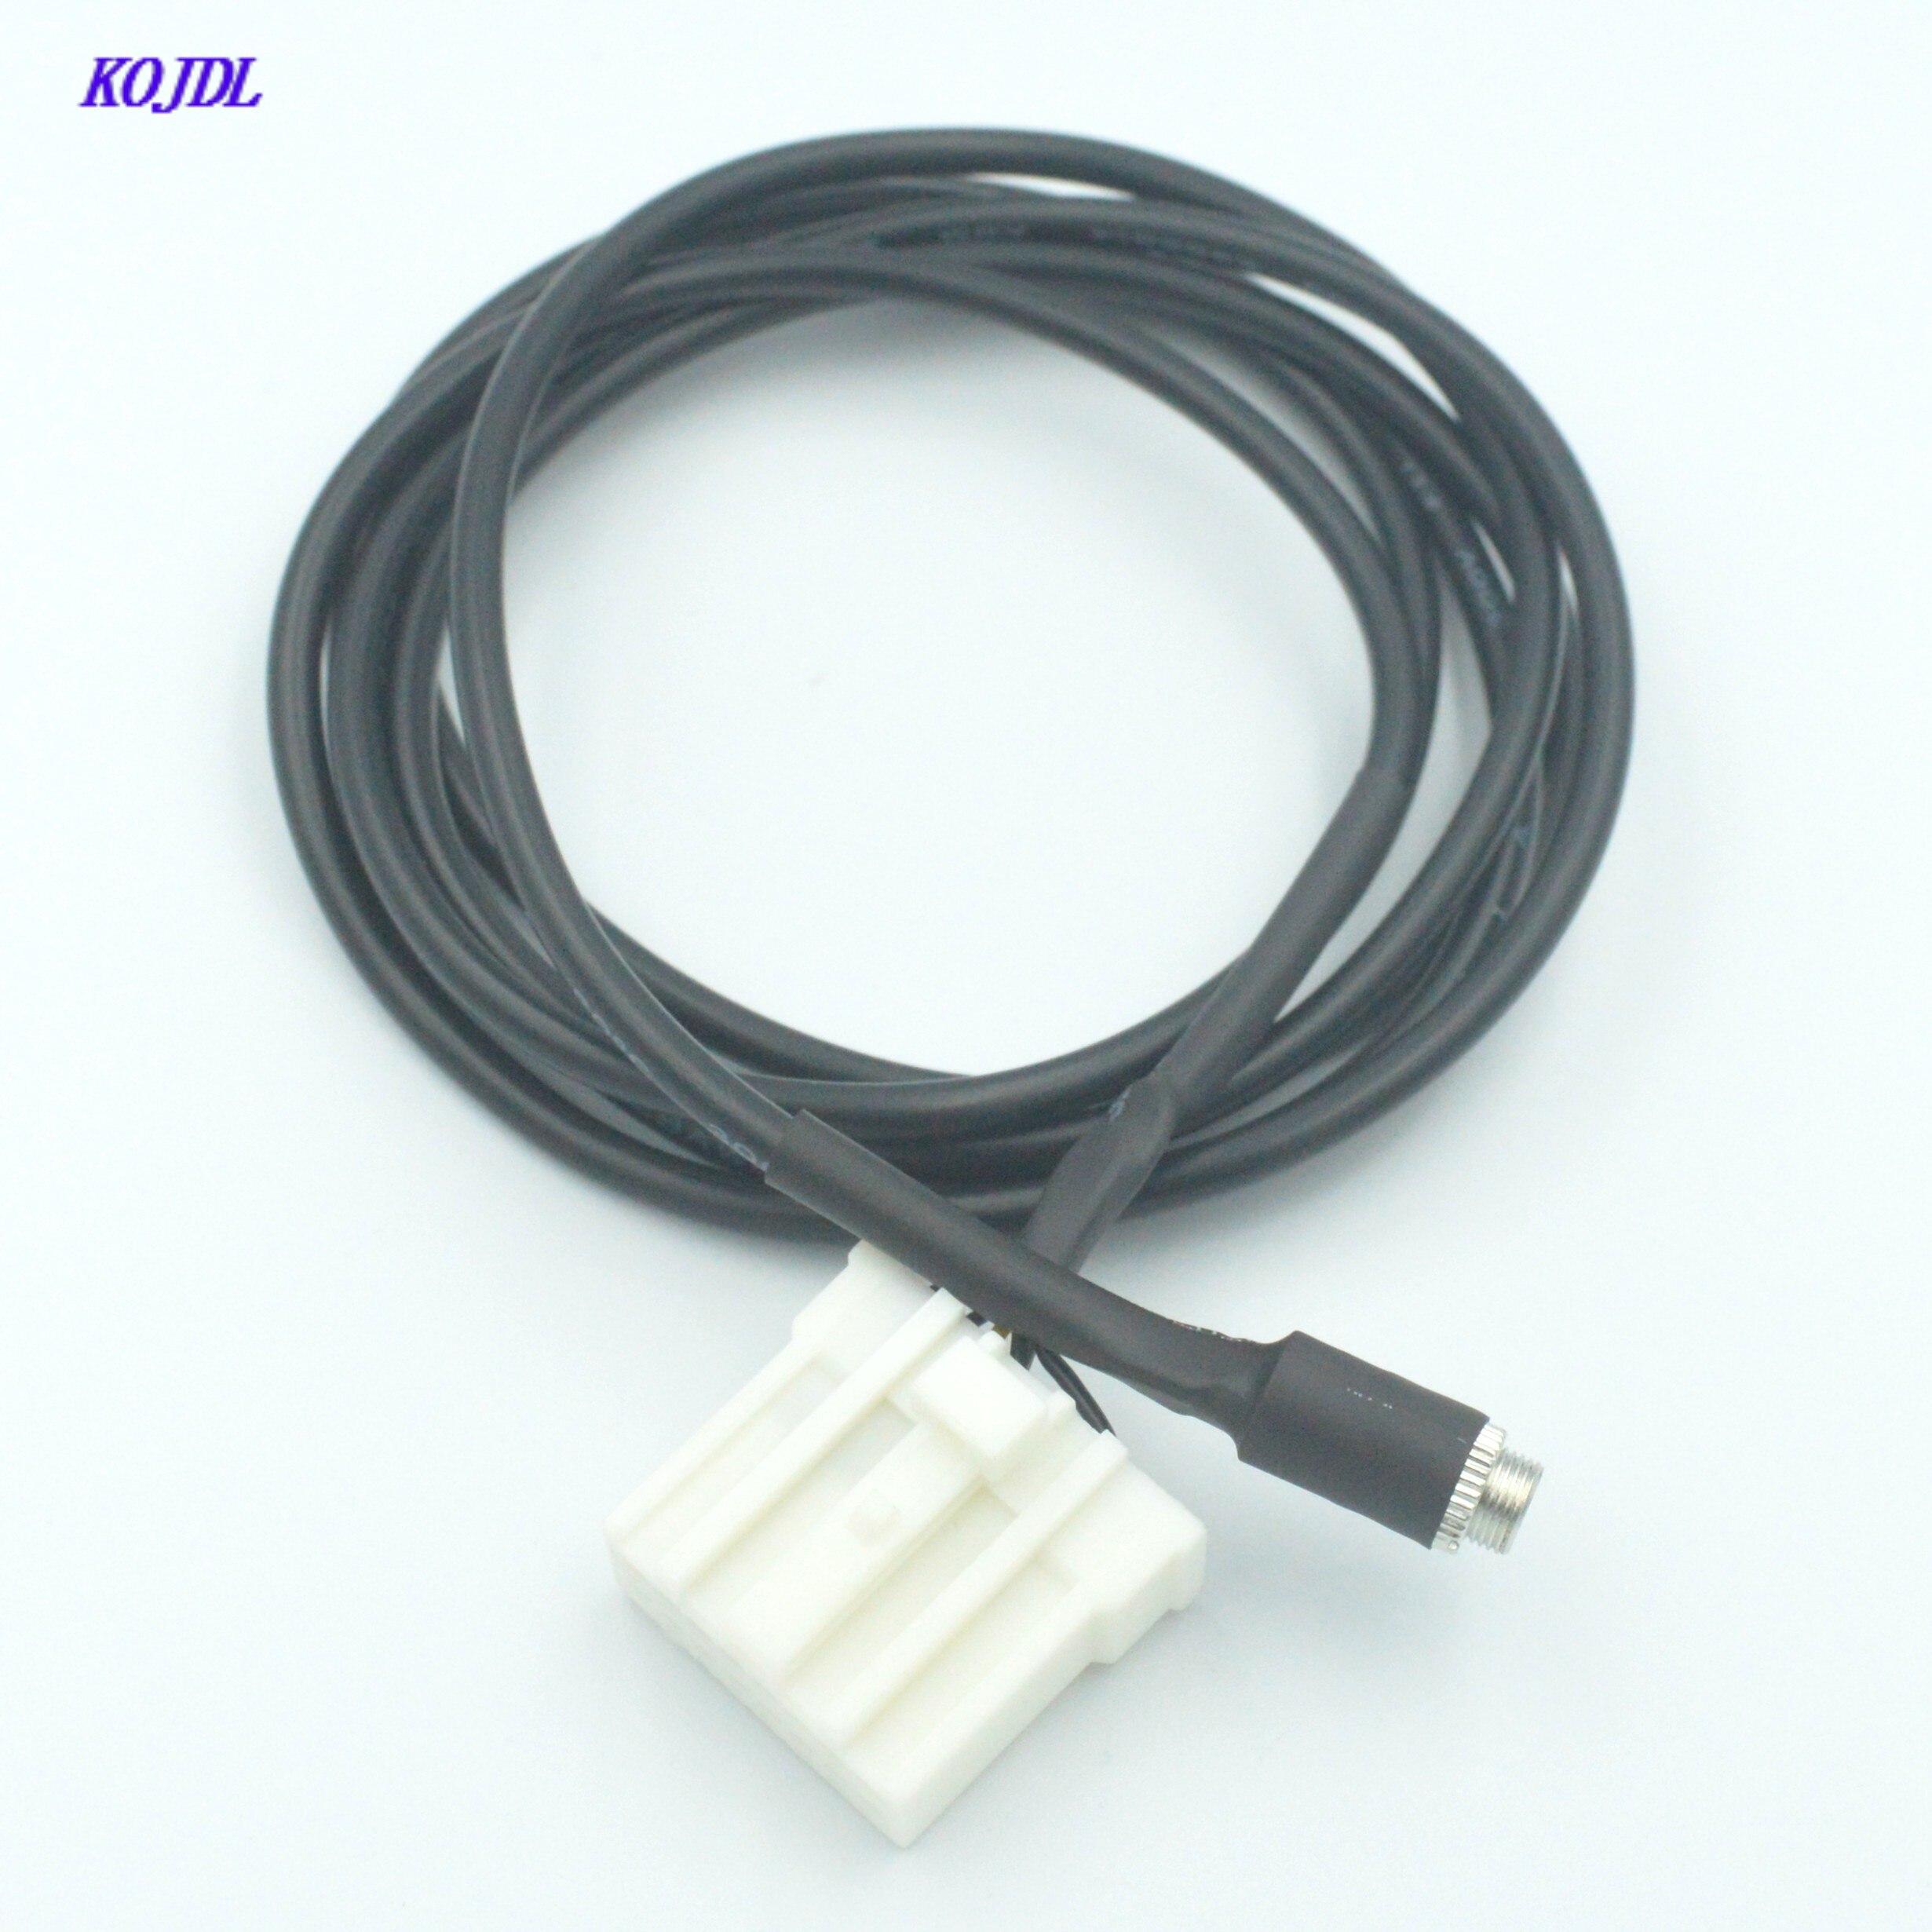 Автомобильный радиоприемник 3,5 мм Aux аудио входной кабель гнездовой разъем 1,5 м провод для Mazda 2 3 5 6 KOJDL